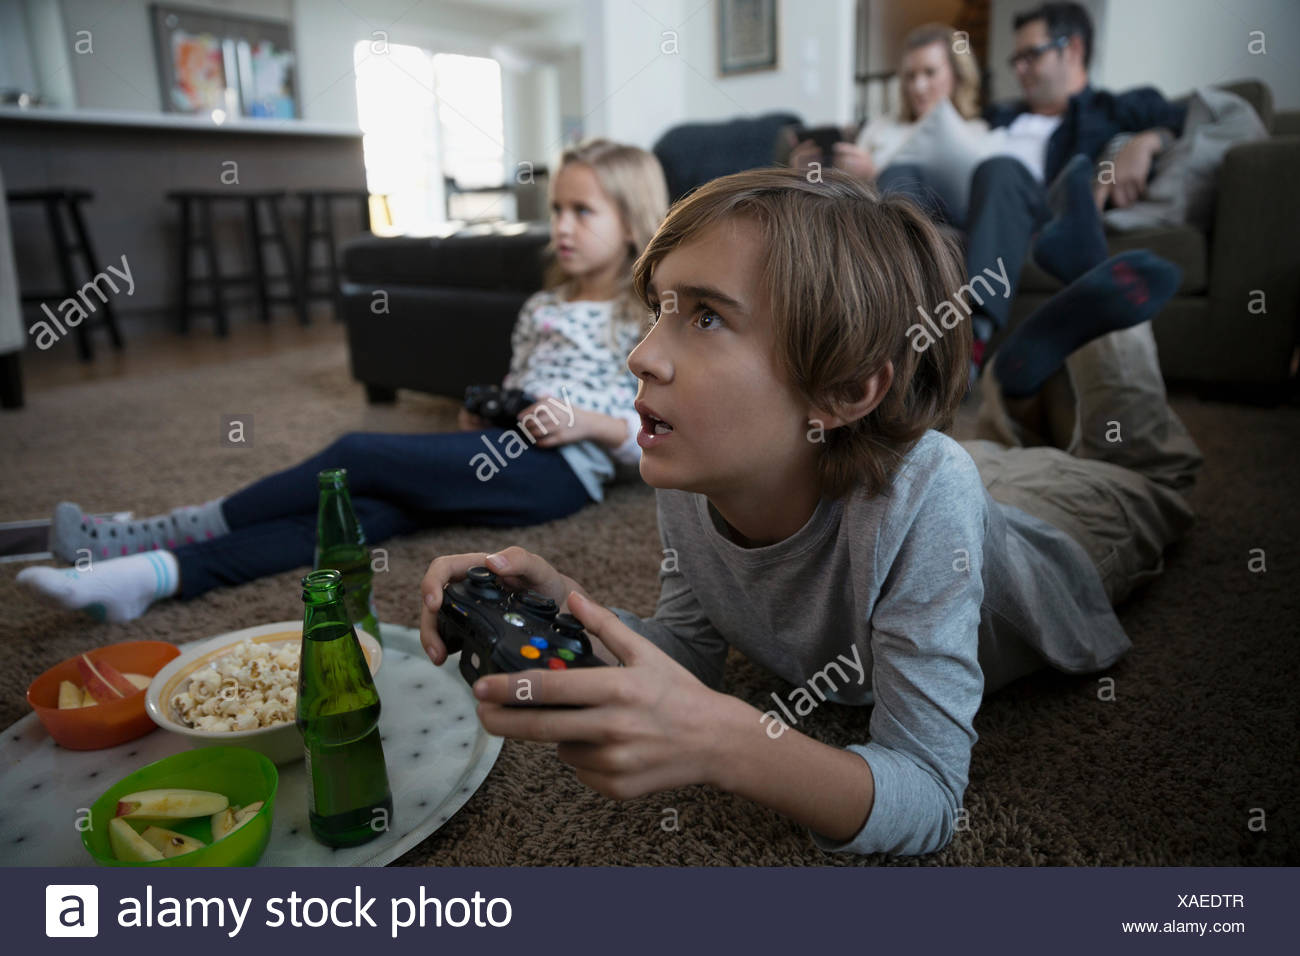 Chico con aperitivos jugar video juego salón Imagen De Stock